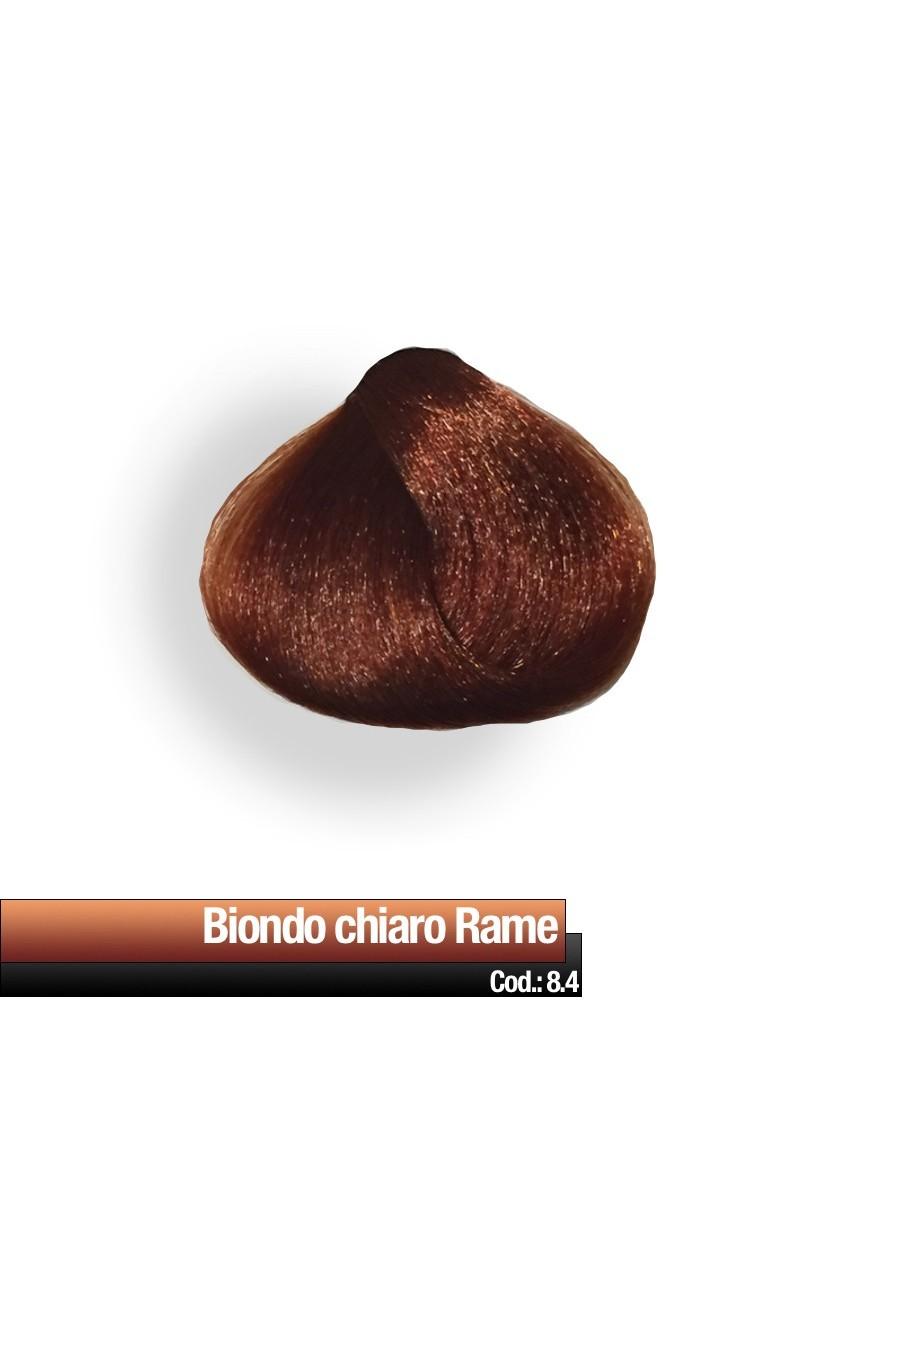 CREMA COLORE 8.4 BIONDO CHIARO RAME RR